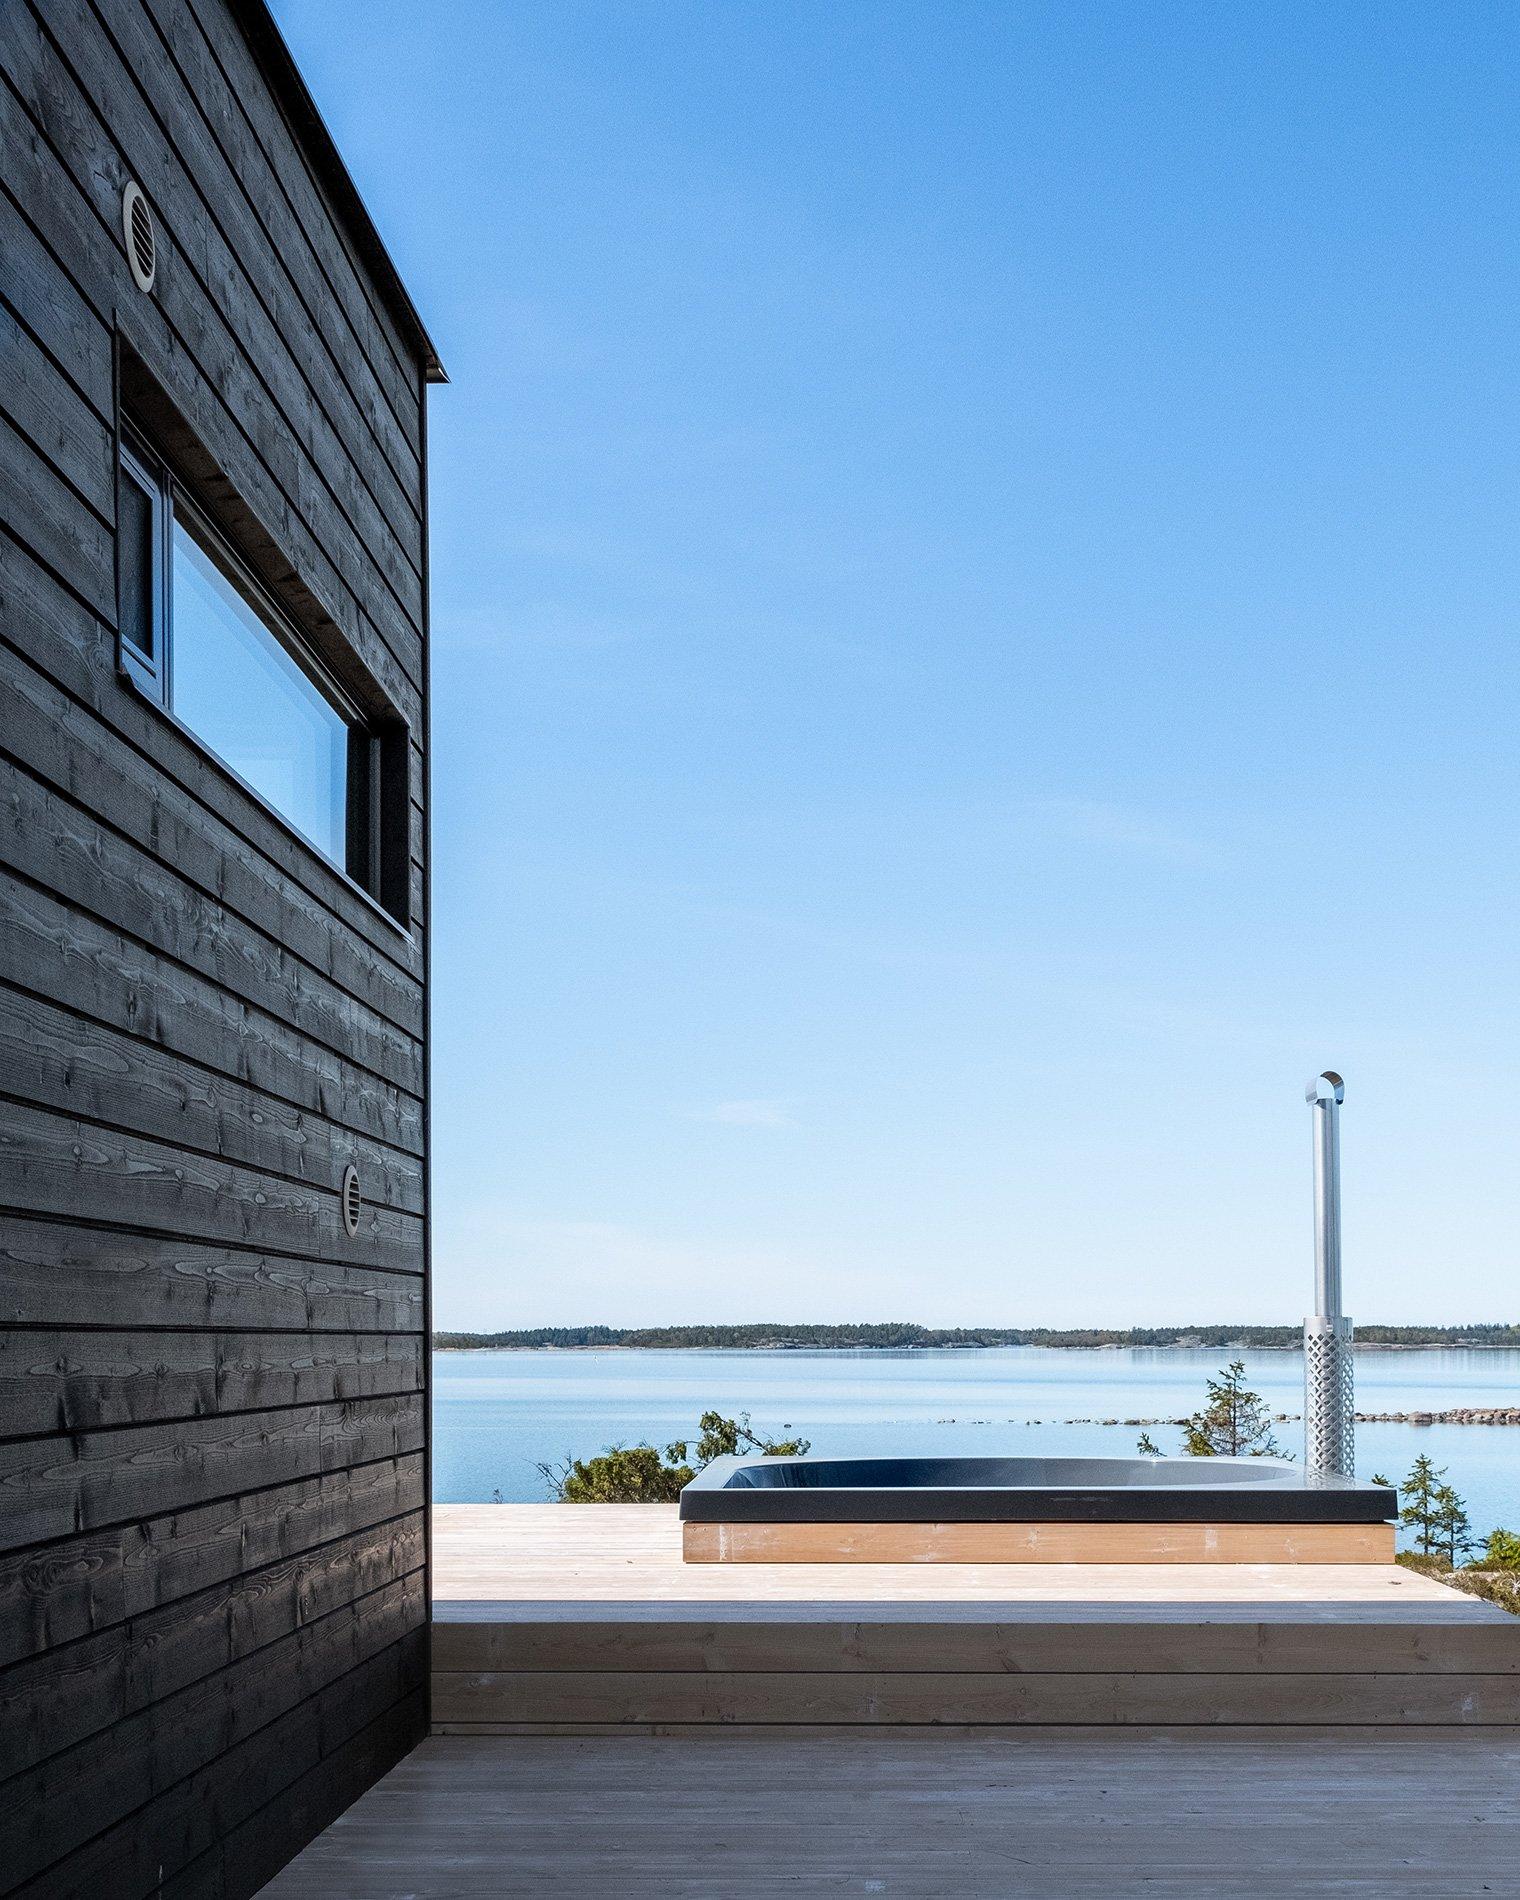 Vapaa-ajan asunto Turun saaristossa